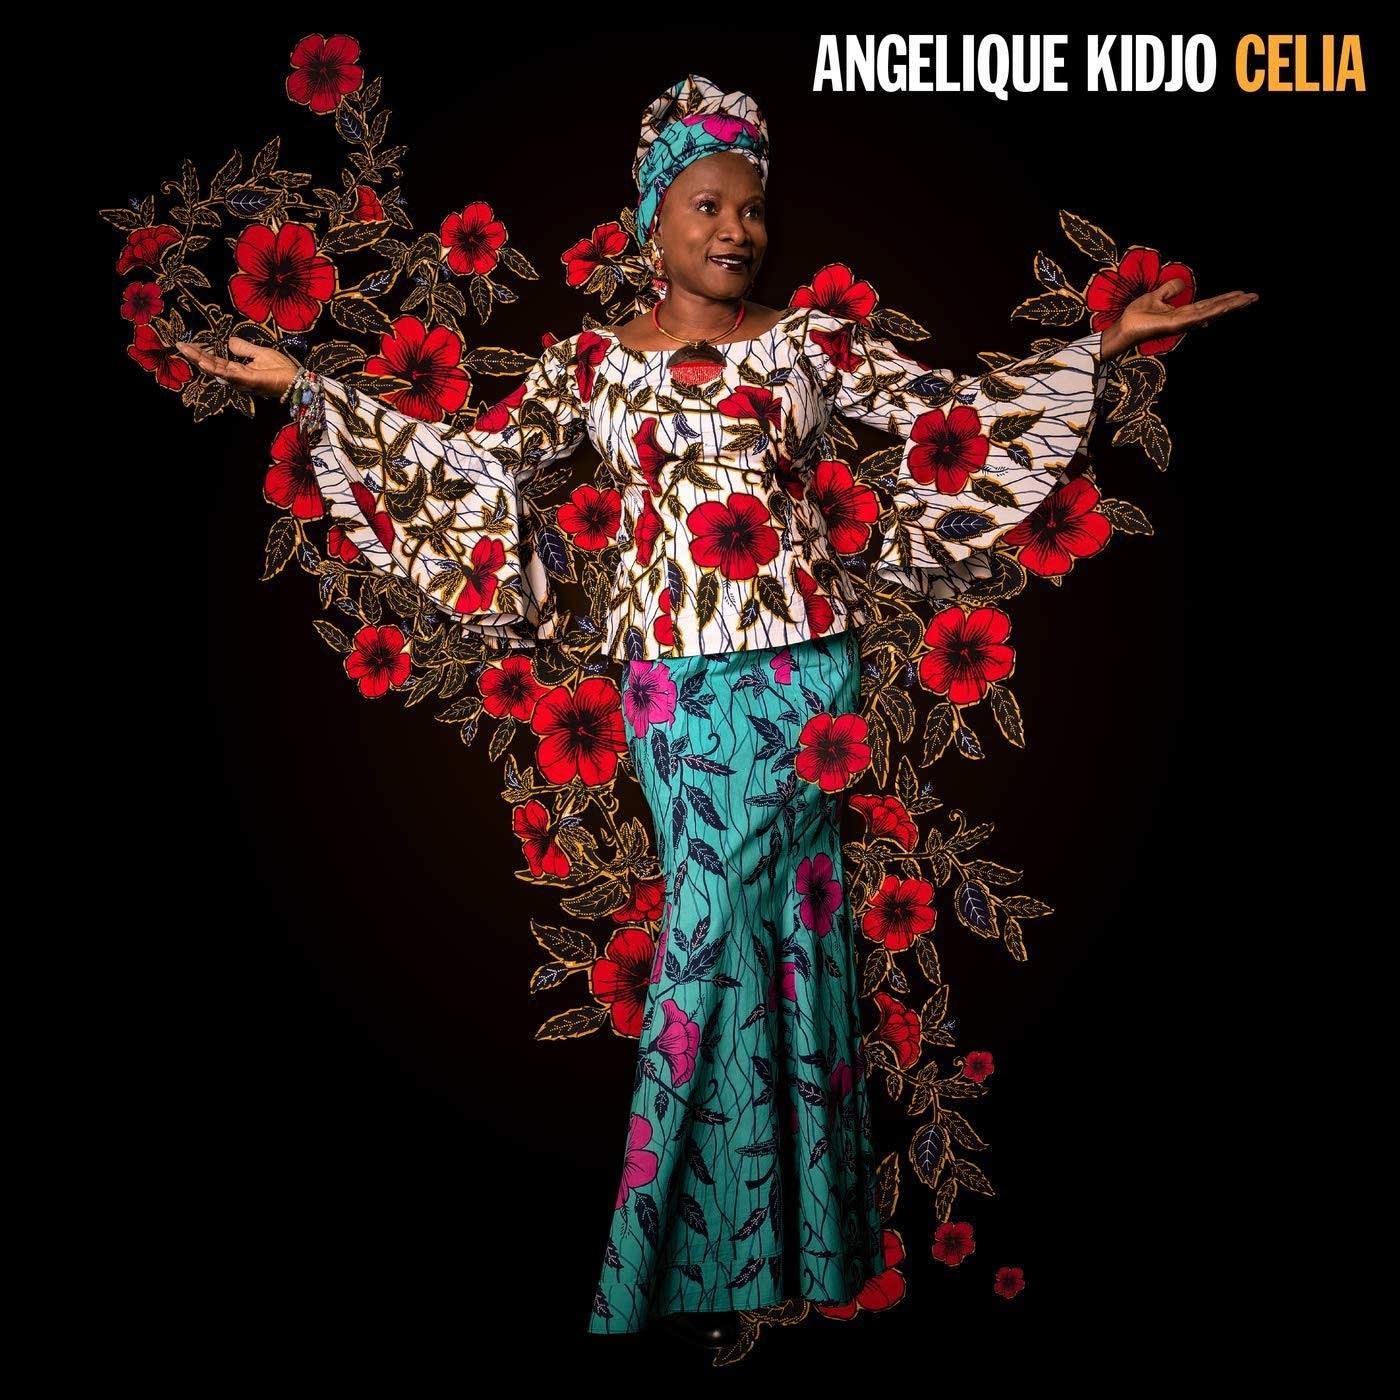 Angelique Kidjo, 'Celia'